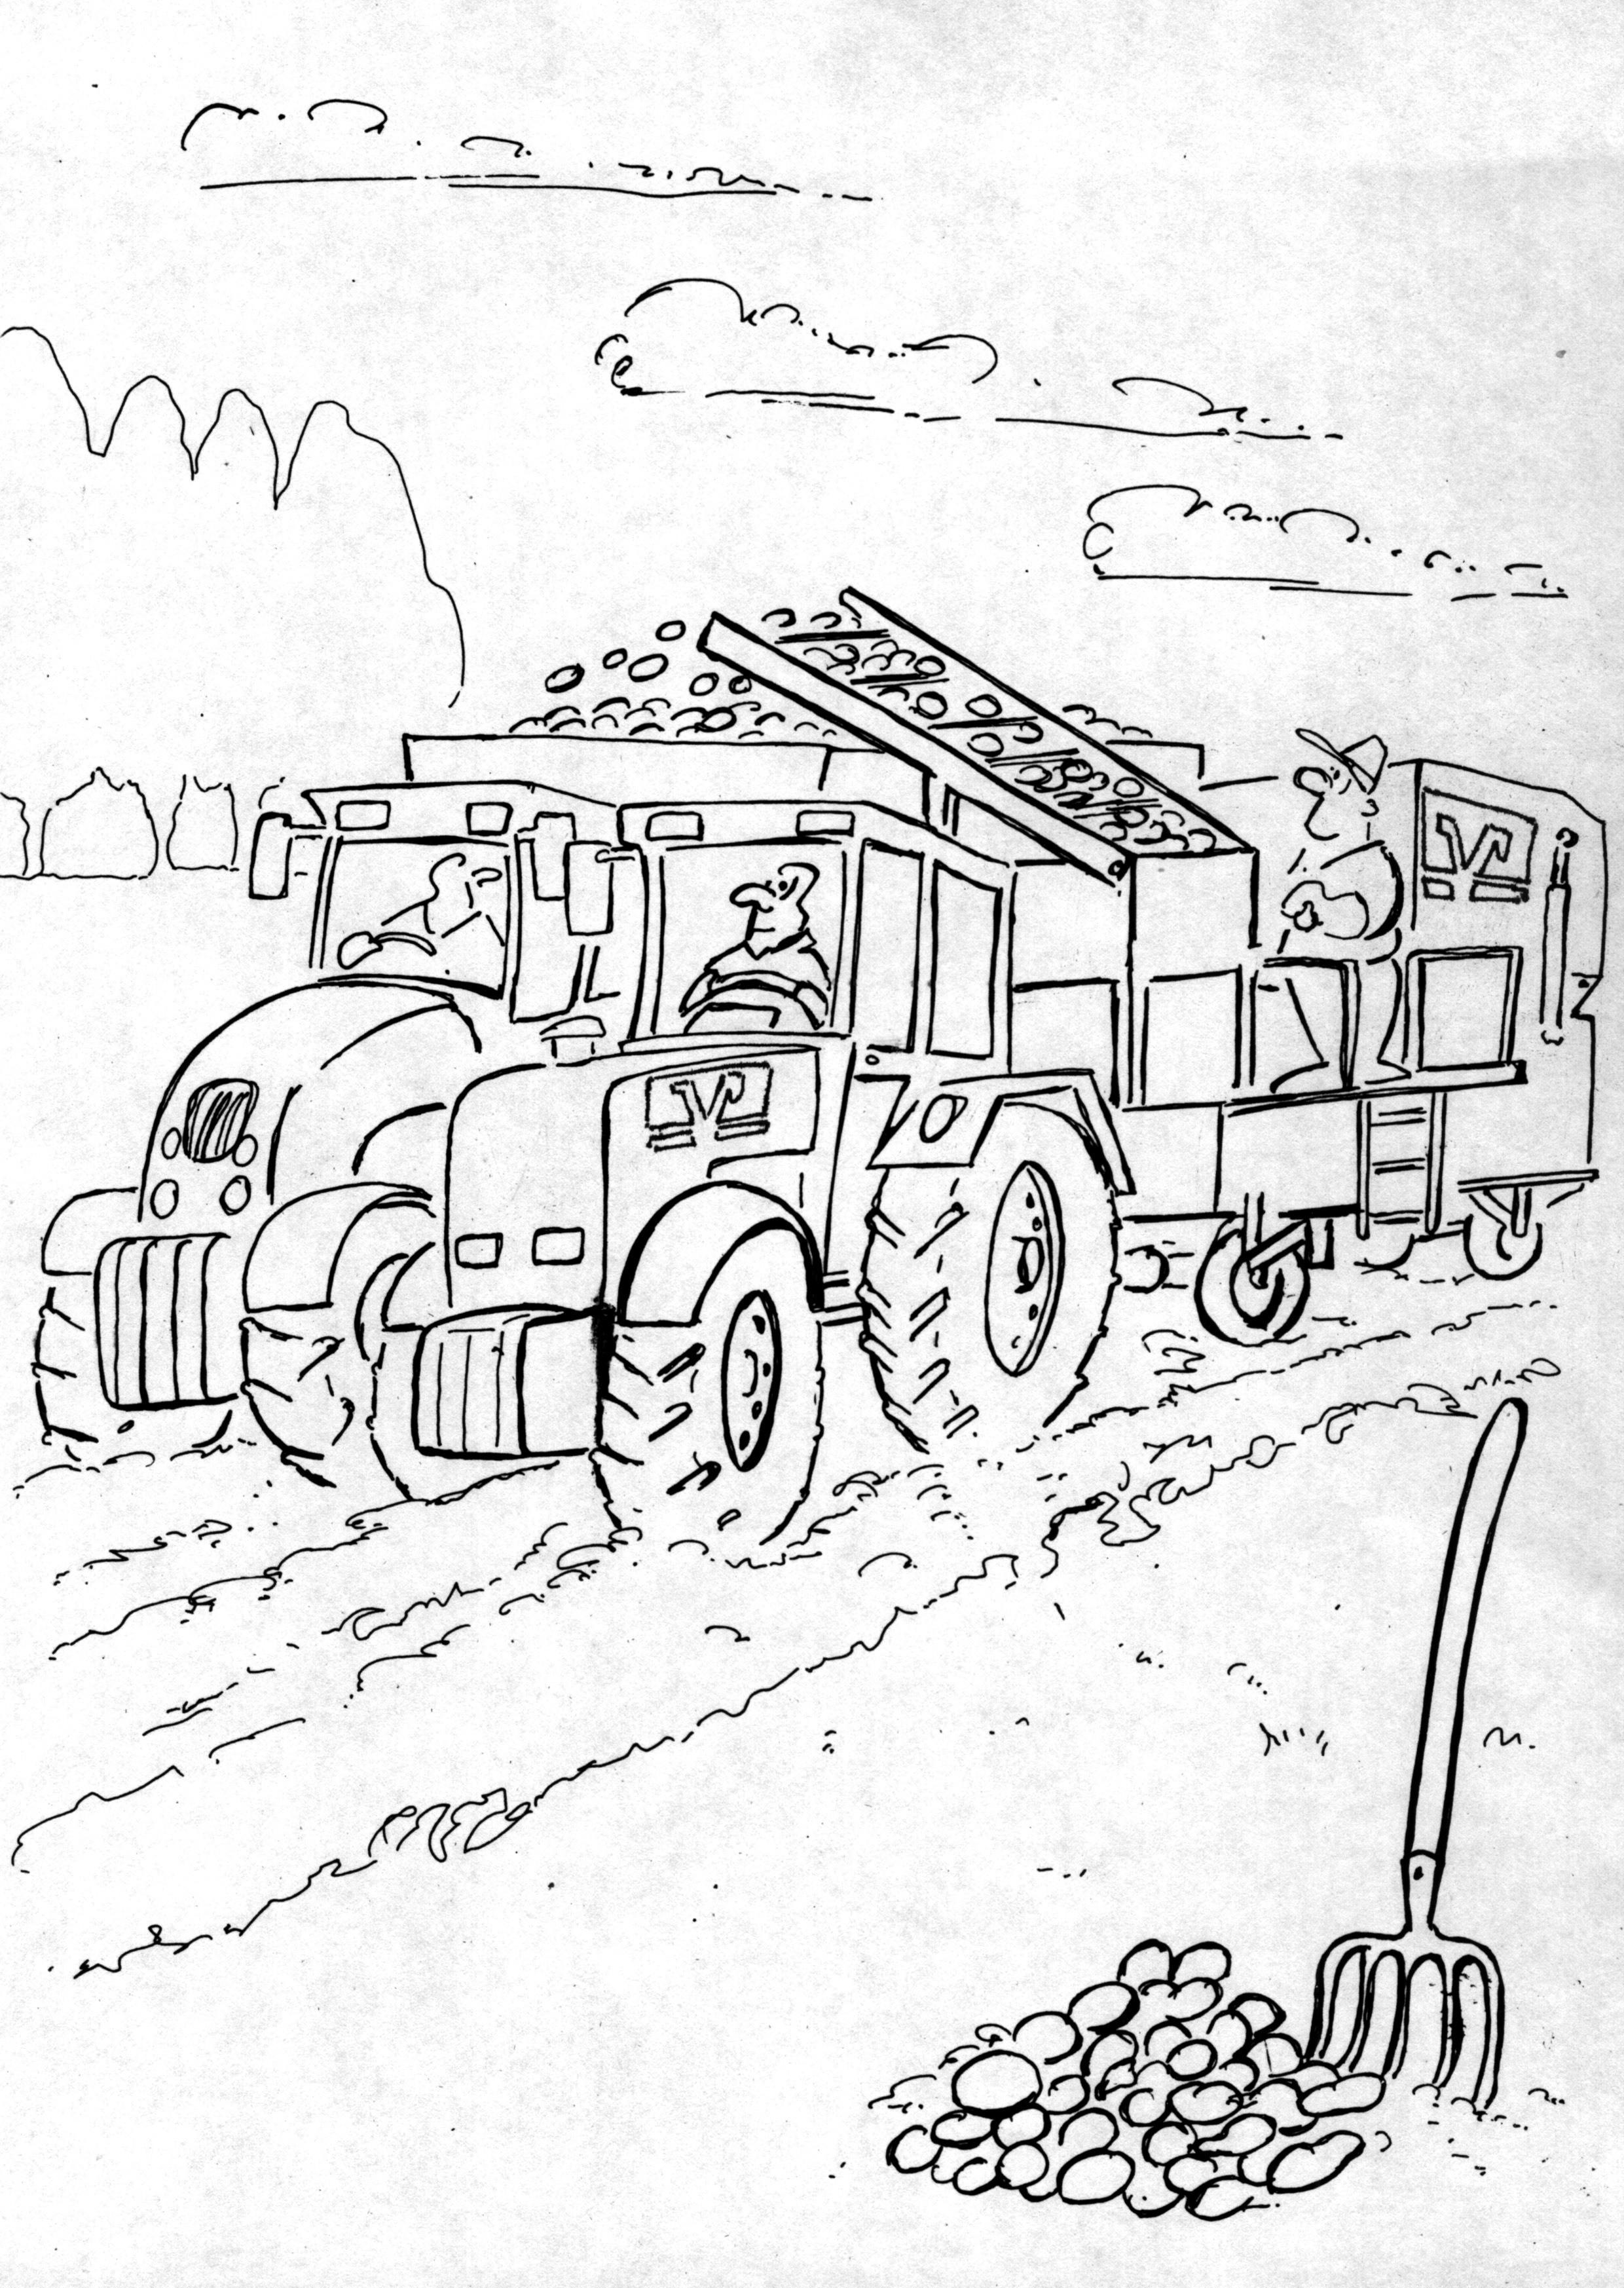 Ausmalbilder Traktor Fendt Genial Fendt Malvorlagen Kostenlos Zum Ausdrucken Ausmalbilder Fendt Frisch Das Bild